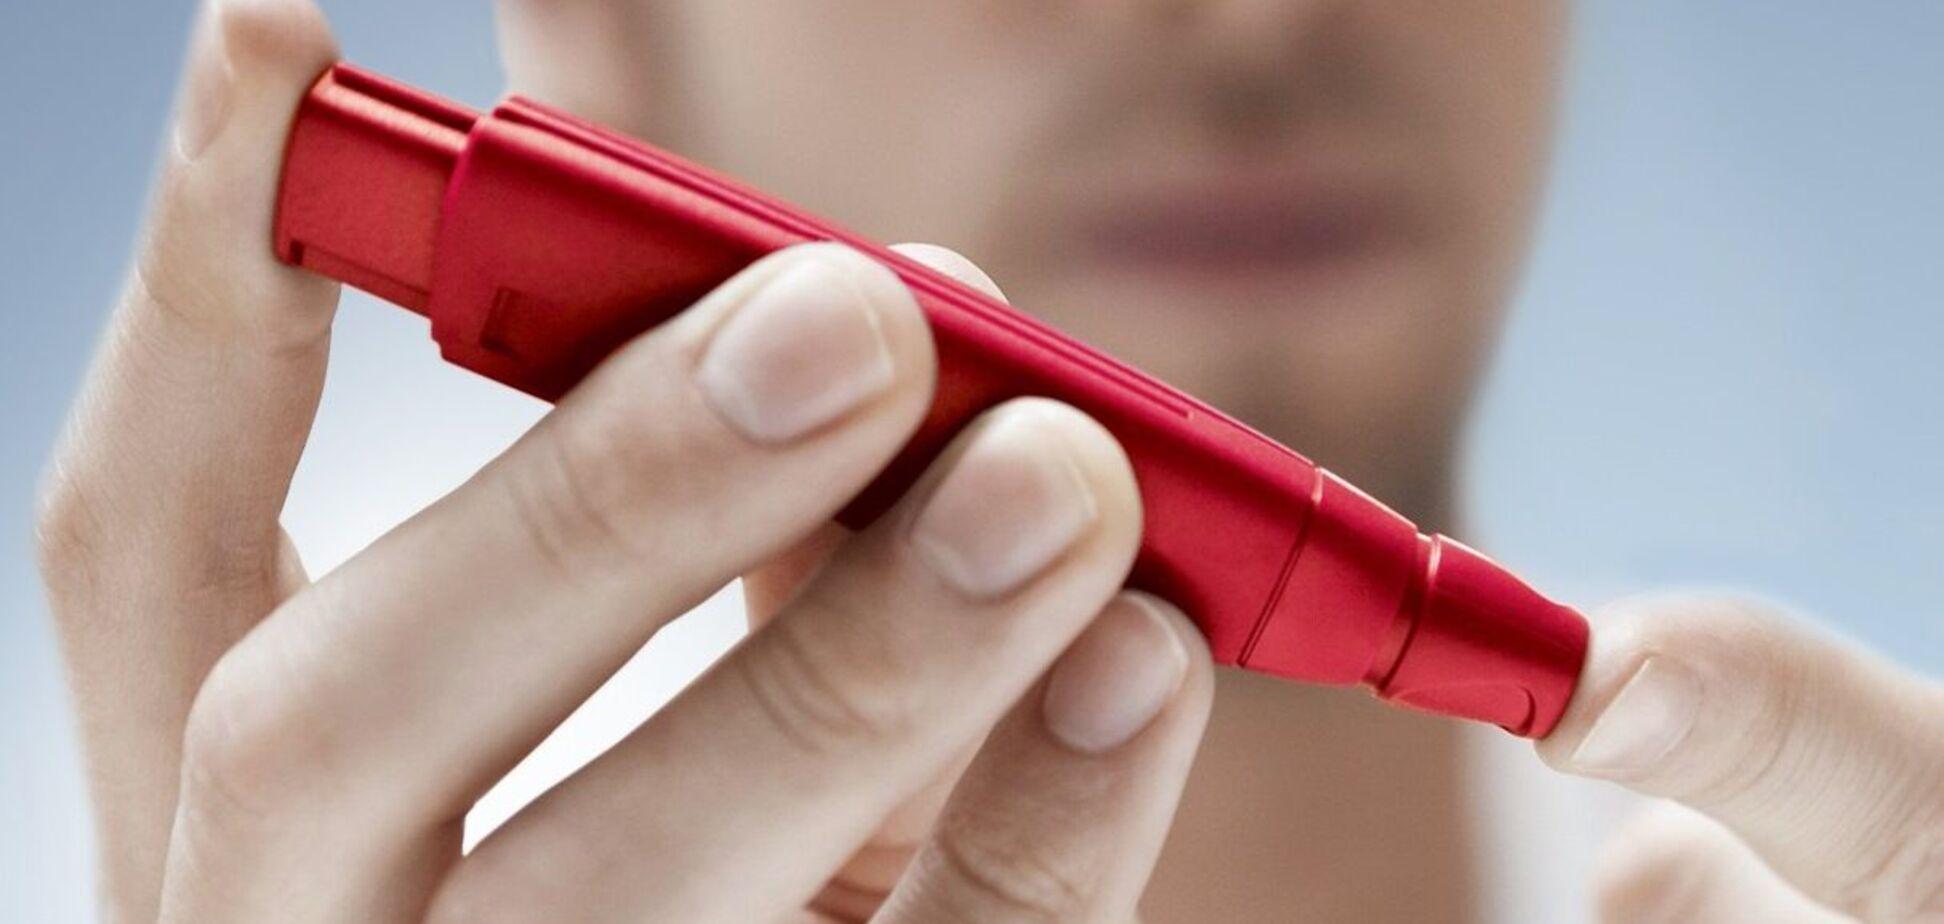 В Італії розповіли, як вирішують проблему допомоги хворим на діабет в період пандемії